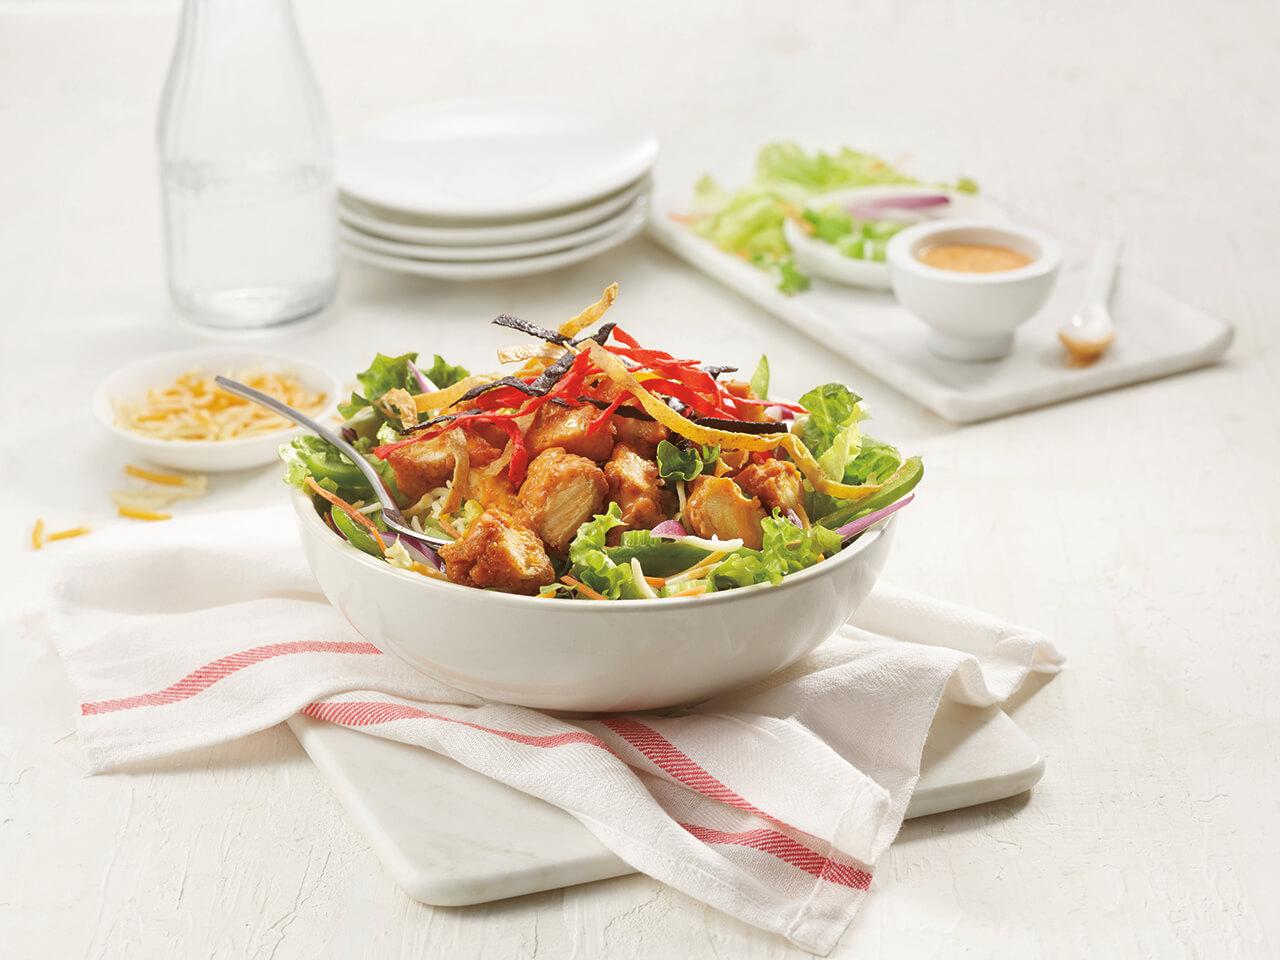 Buffalo Chicken Entrée Salad